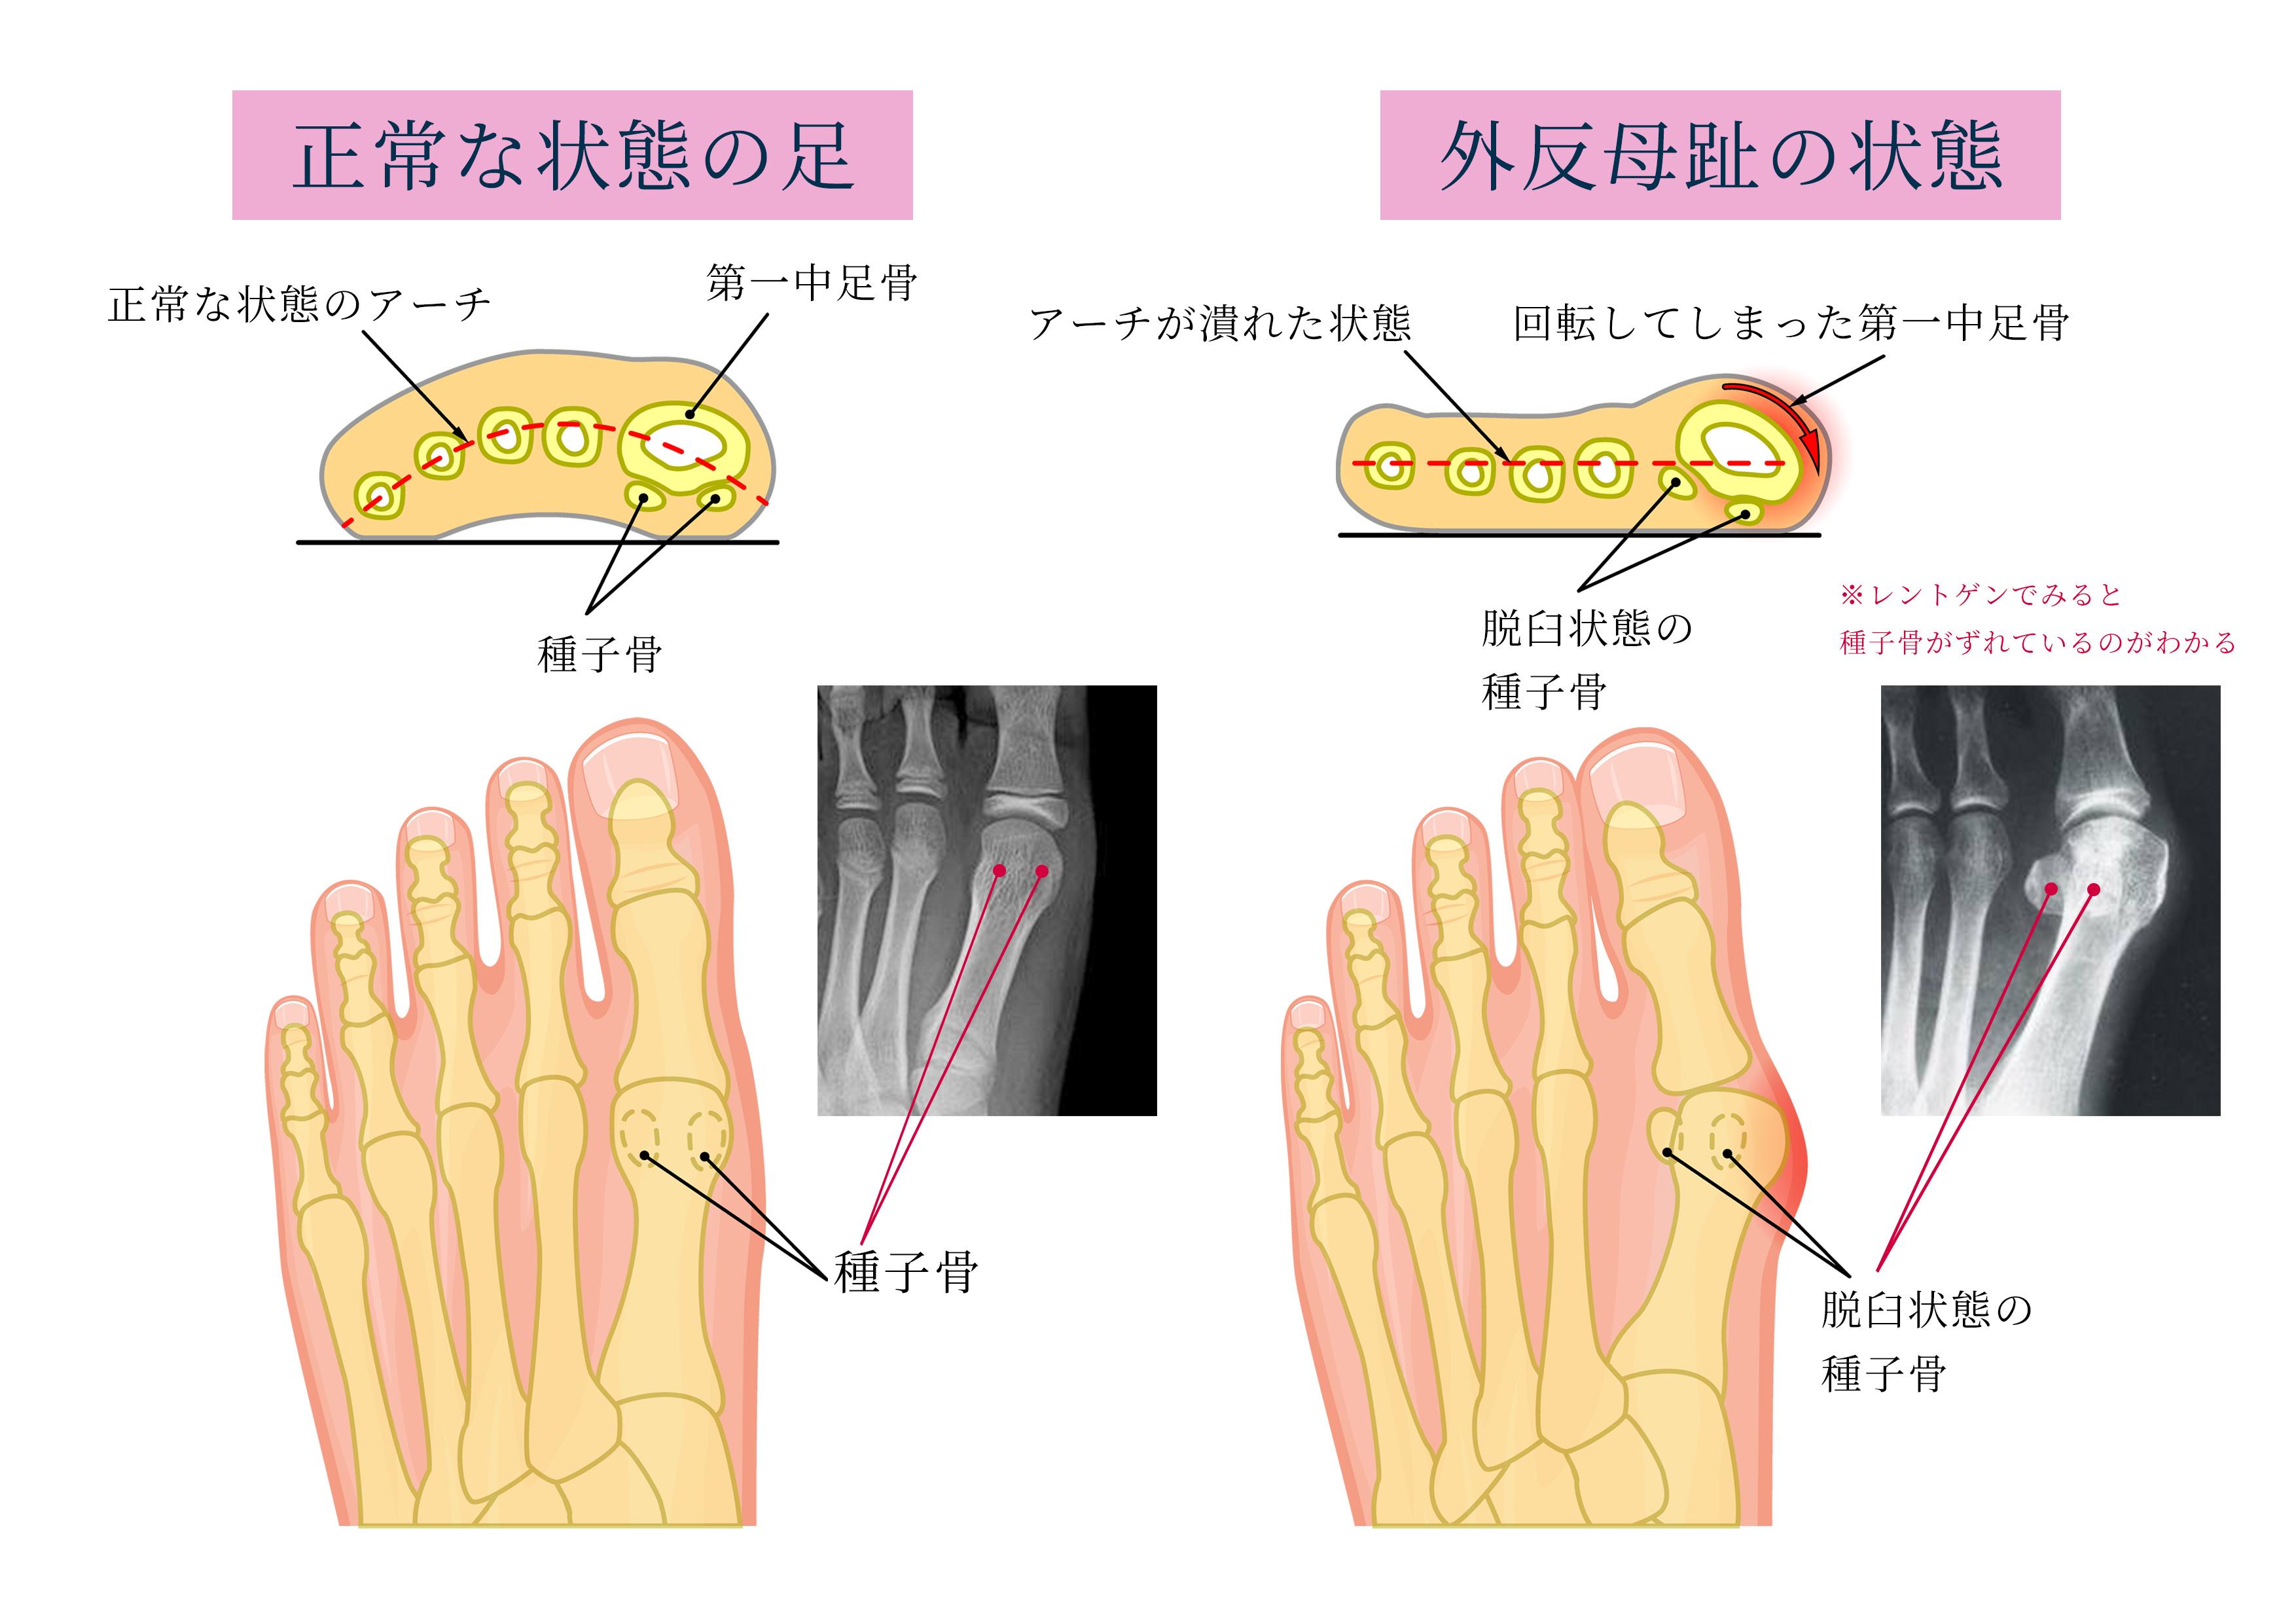 正常な状態の足と外反母趾の状態